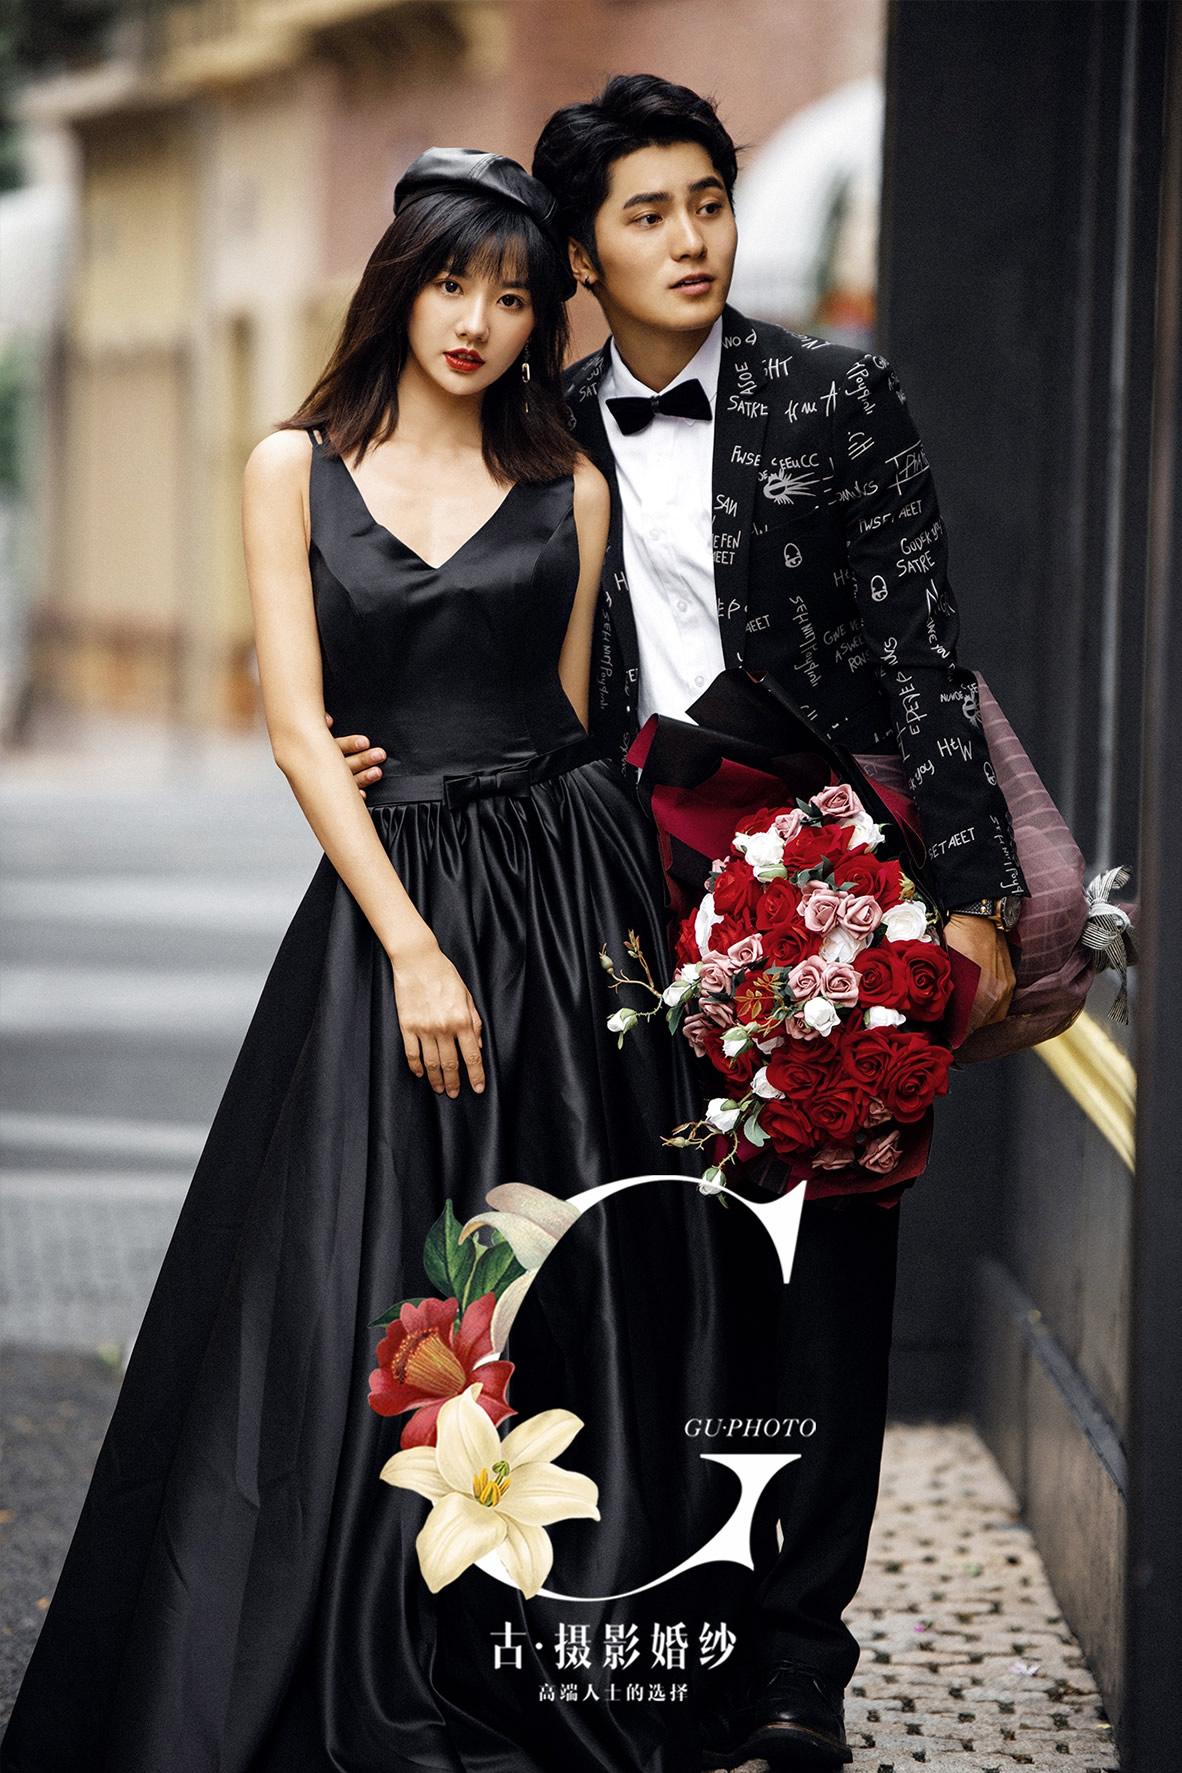 公主道《黑色优雅》 - 拍摄地 - 广州婚纱摄影-广州古摄影官网